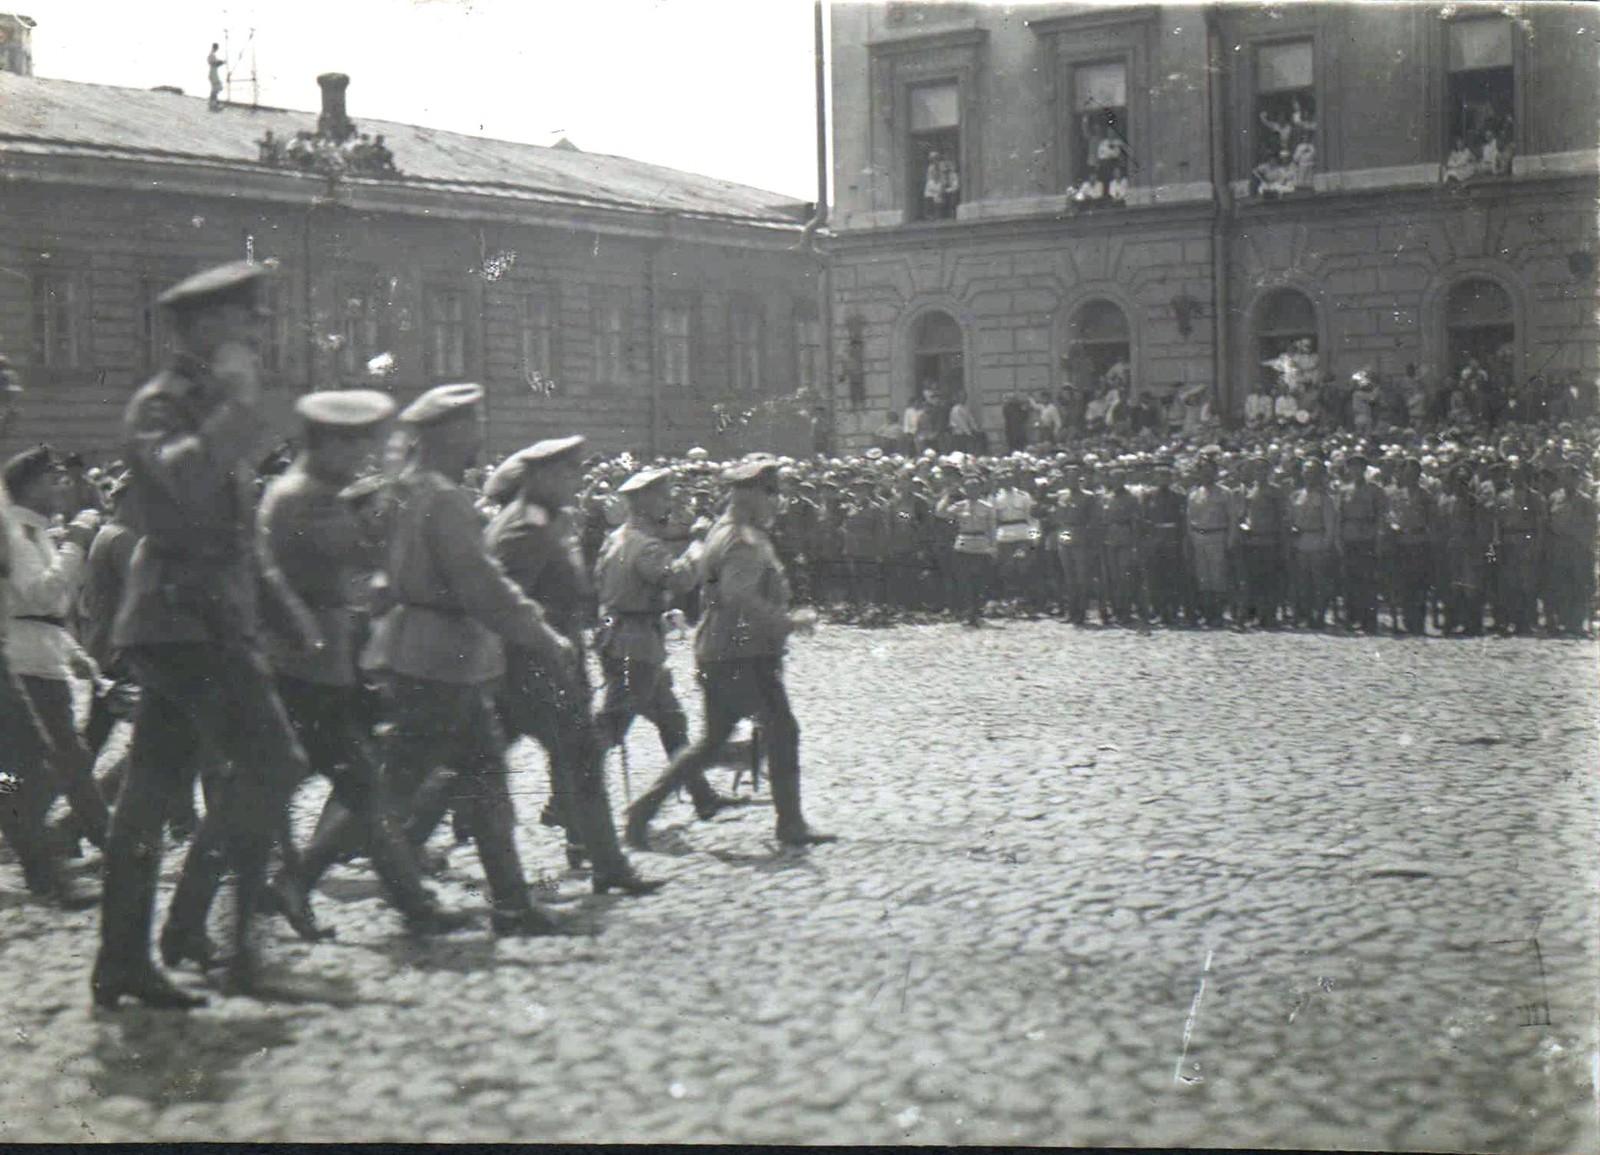 160. 1919. Чествование генерала Кутепова в Харькове